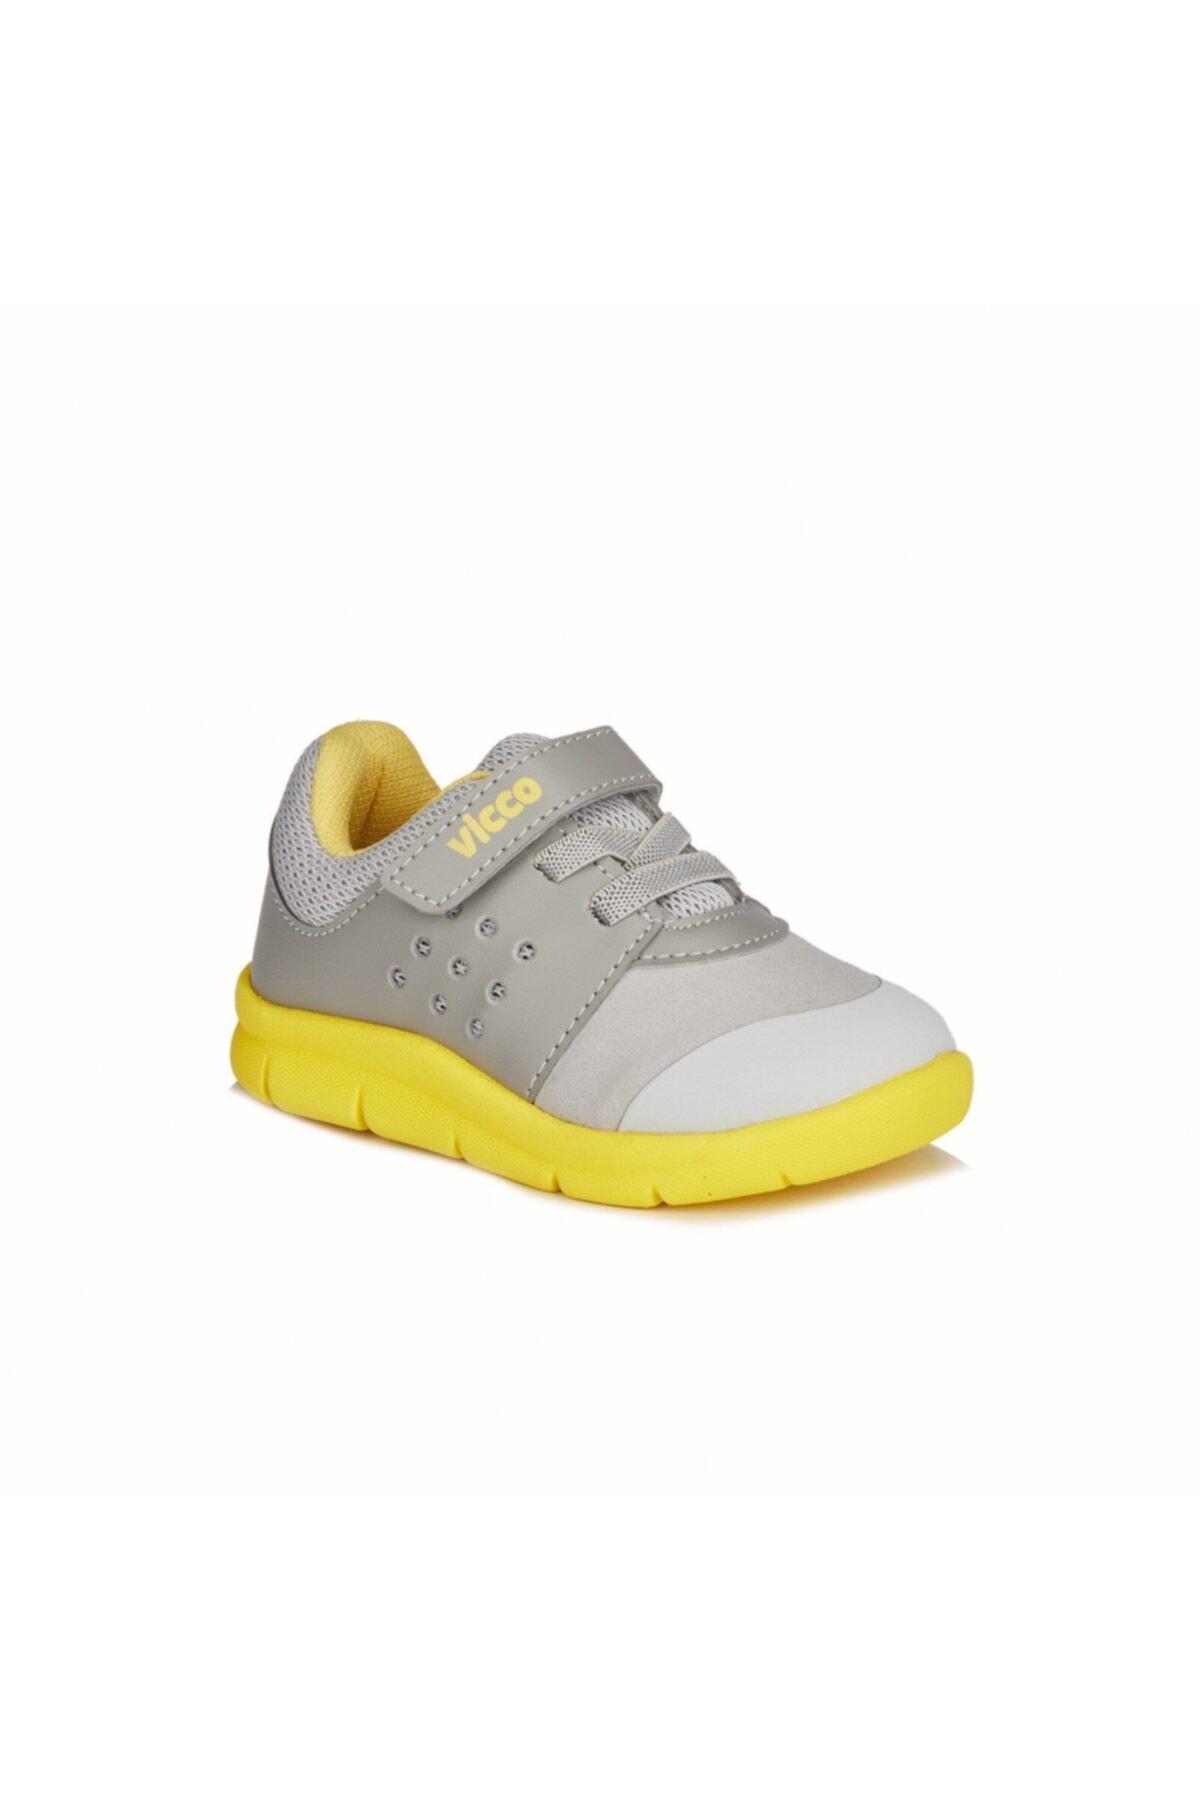 Vicco Cocuk Spor Ayakkabısı 2